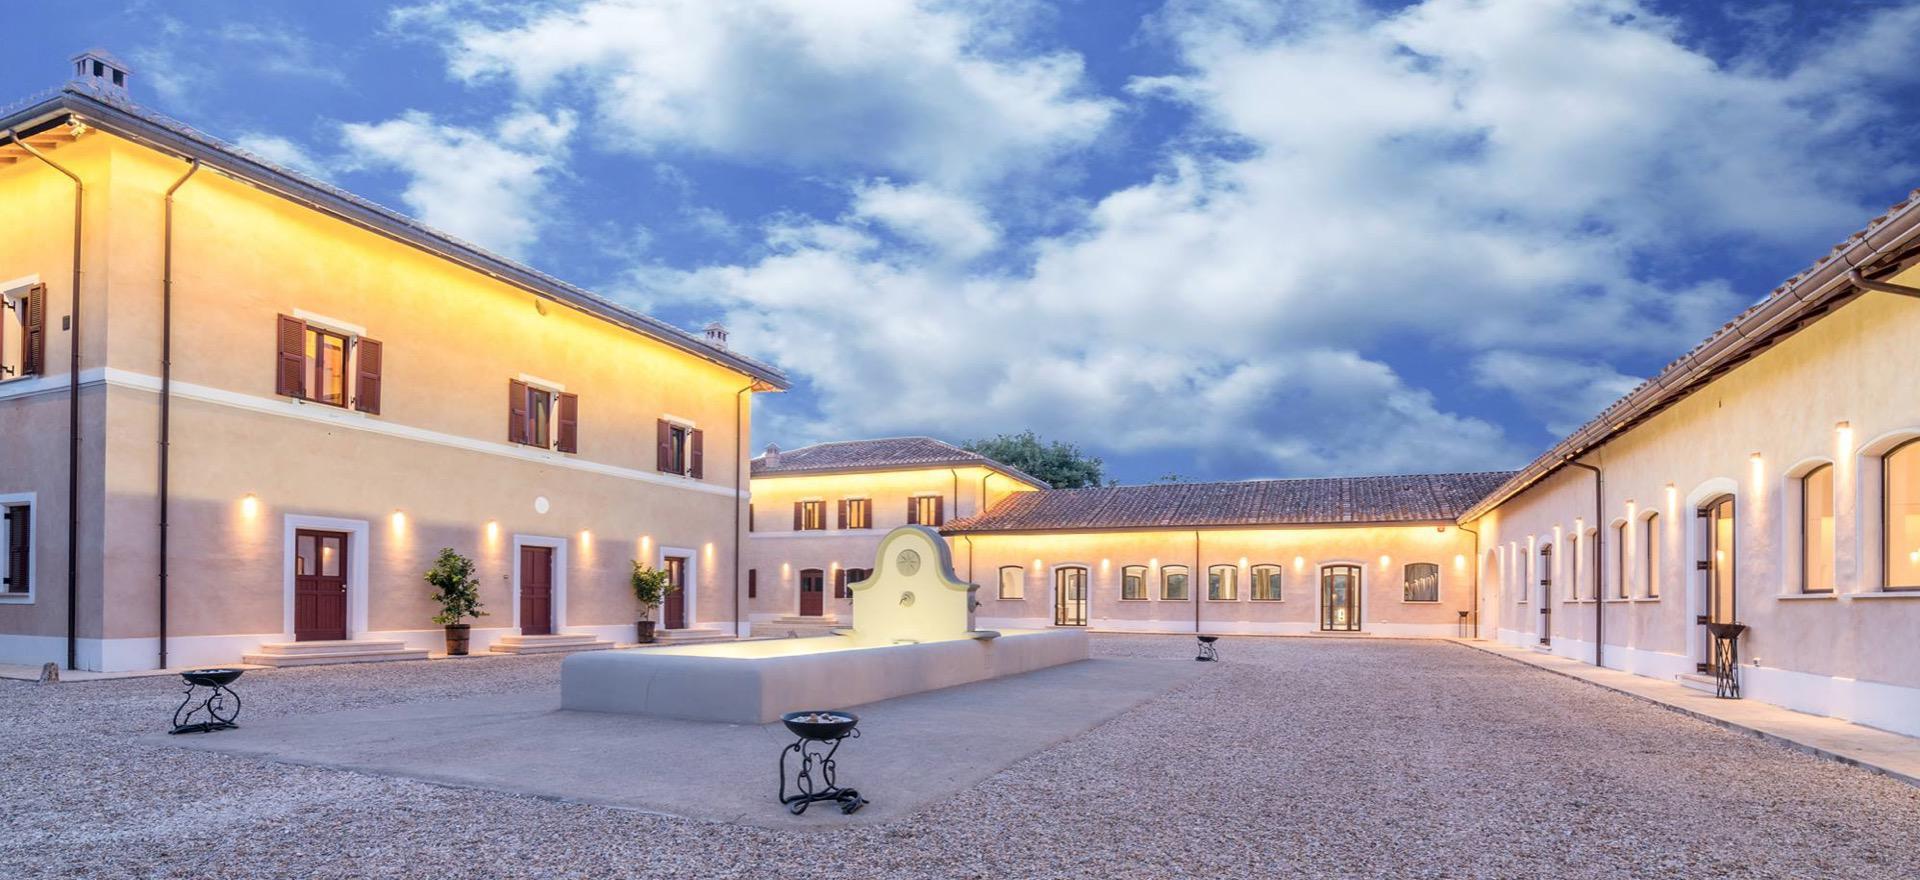 Agriturismo Umbria Agriturismo di lusso vicino Roma con ristorante e piscina